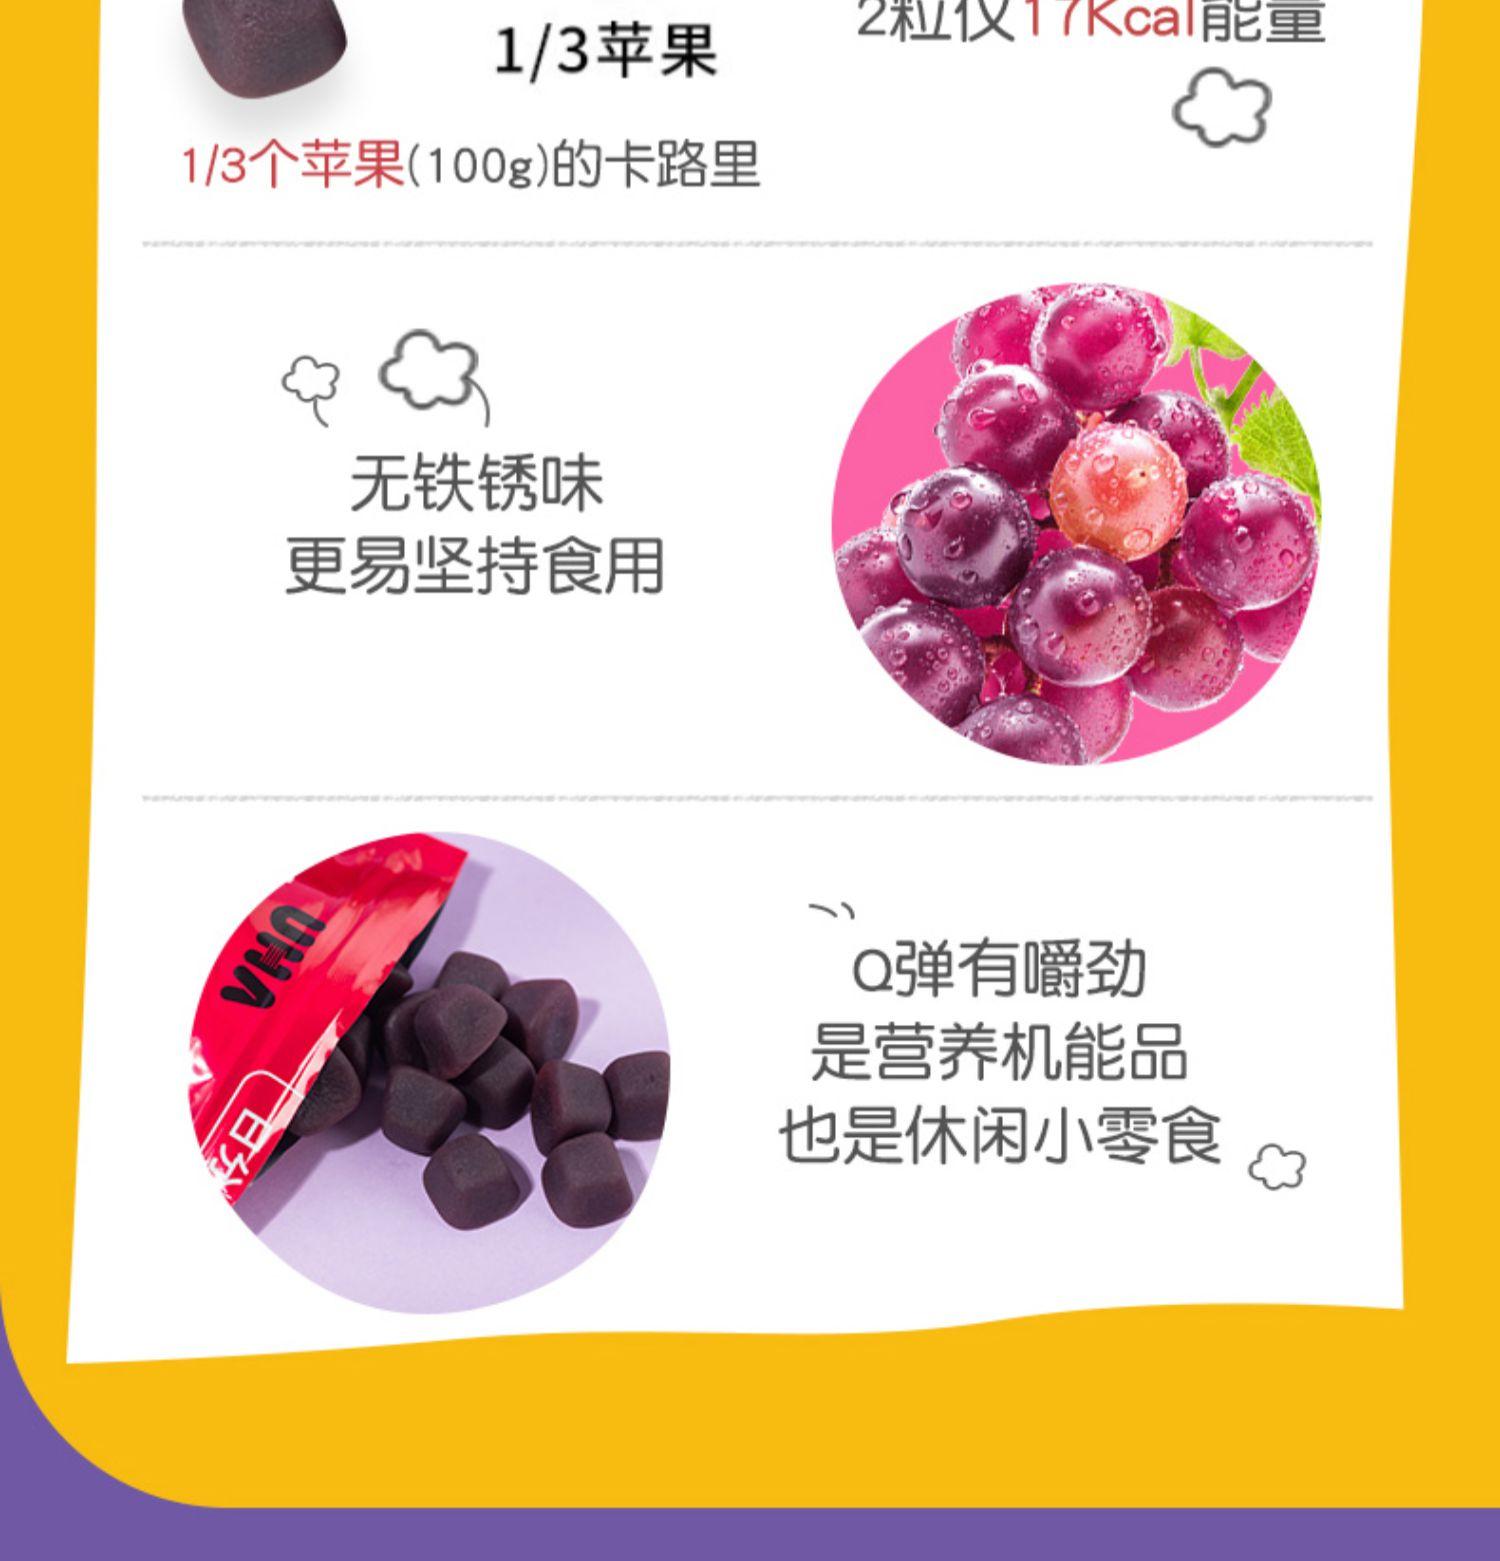 【悠哈】进口营养补铁水果软糖40粒*3袋5